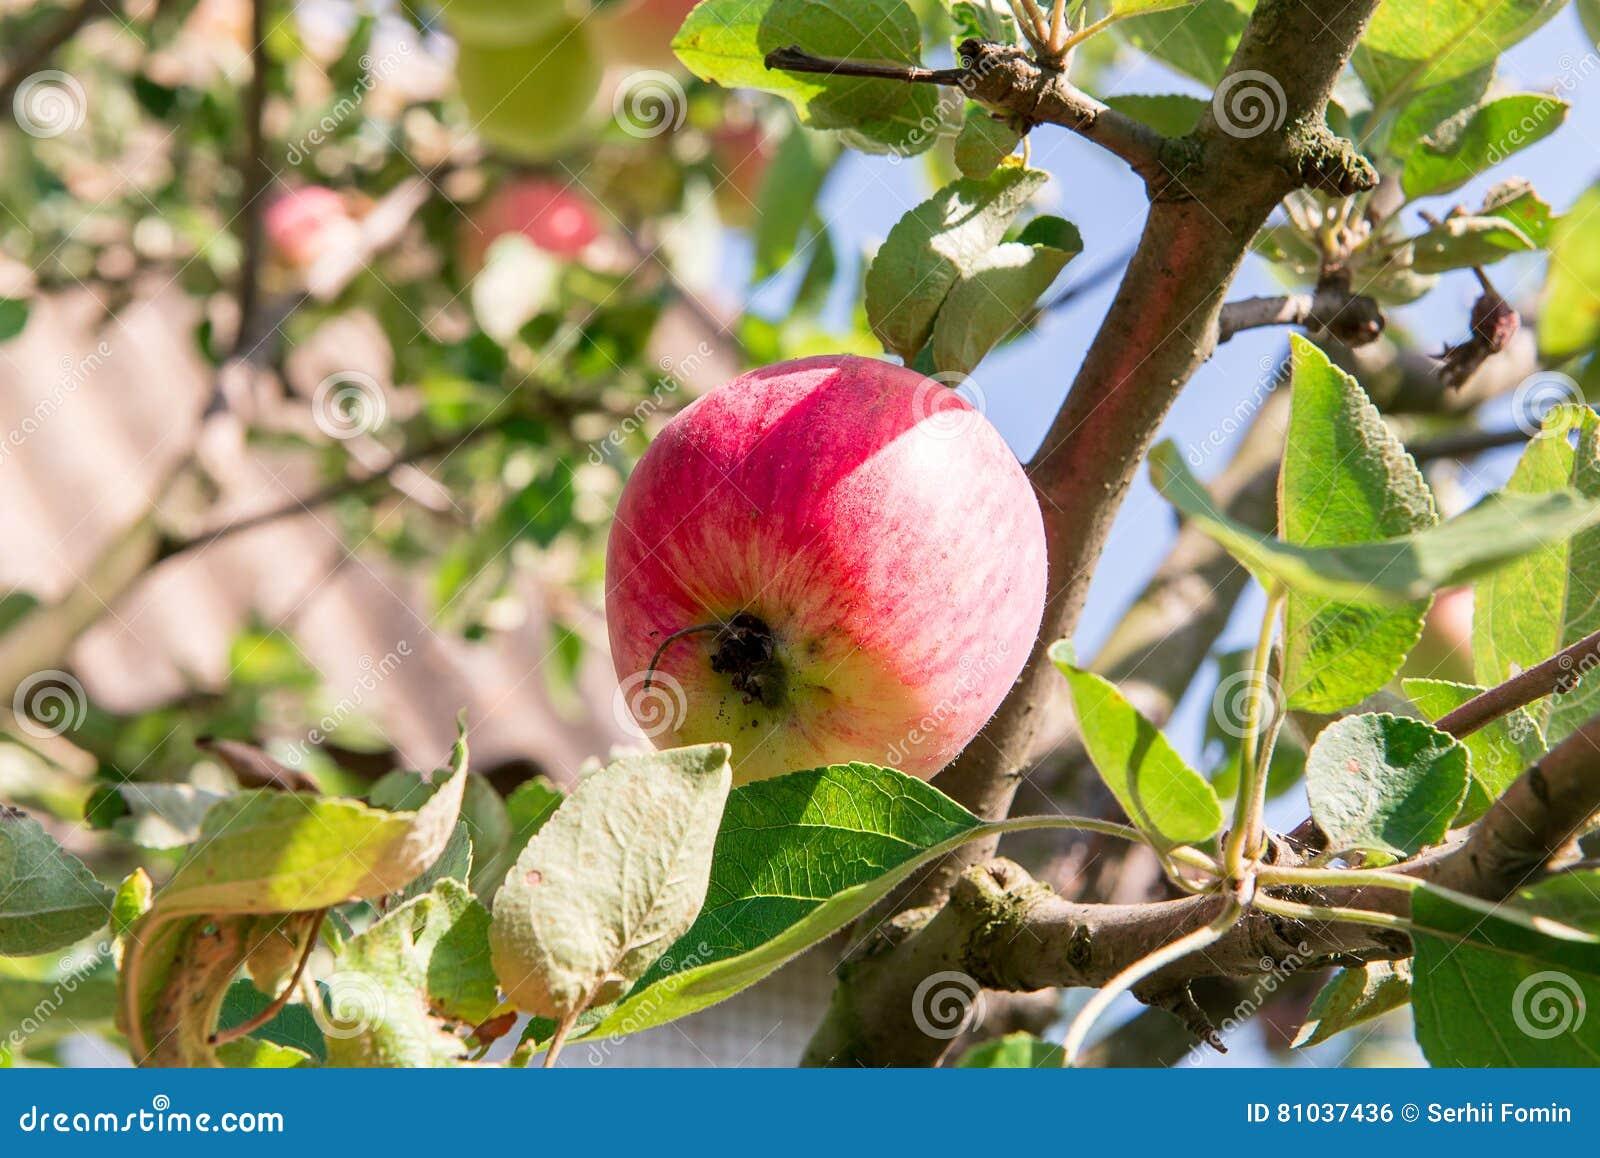 pommier avec les pommes rouges le pommier dans le jardin fruits de jardin d 39 t pommes vertes. Black Bedroom Furniture Sets. Home Design Ideas